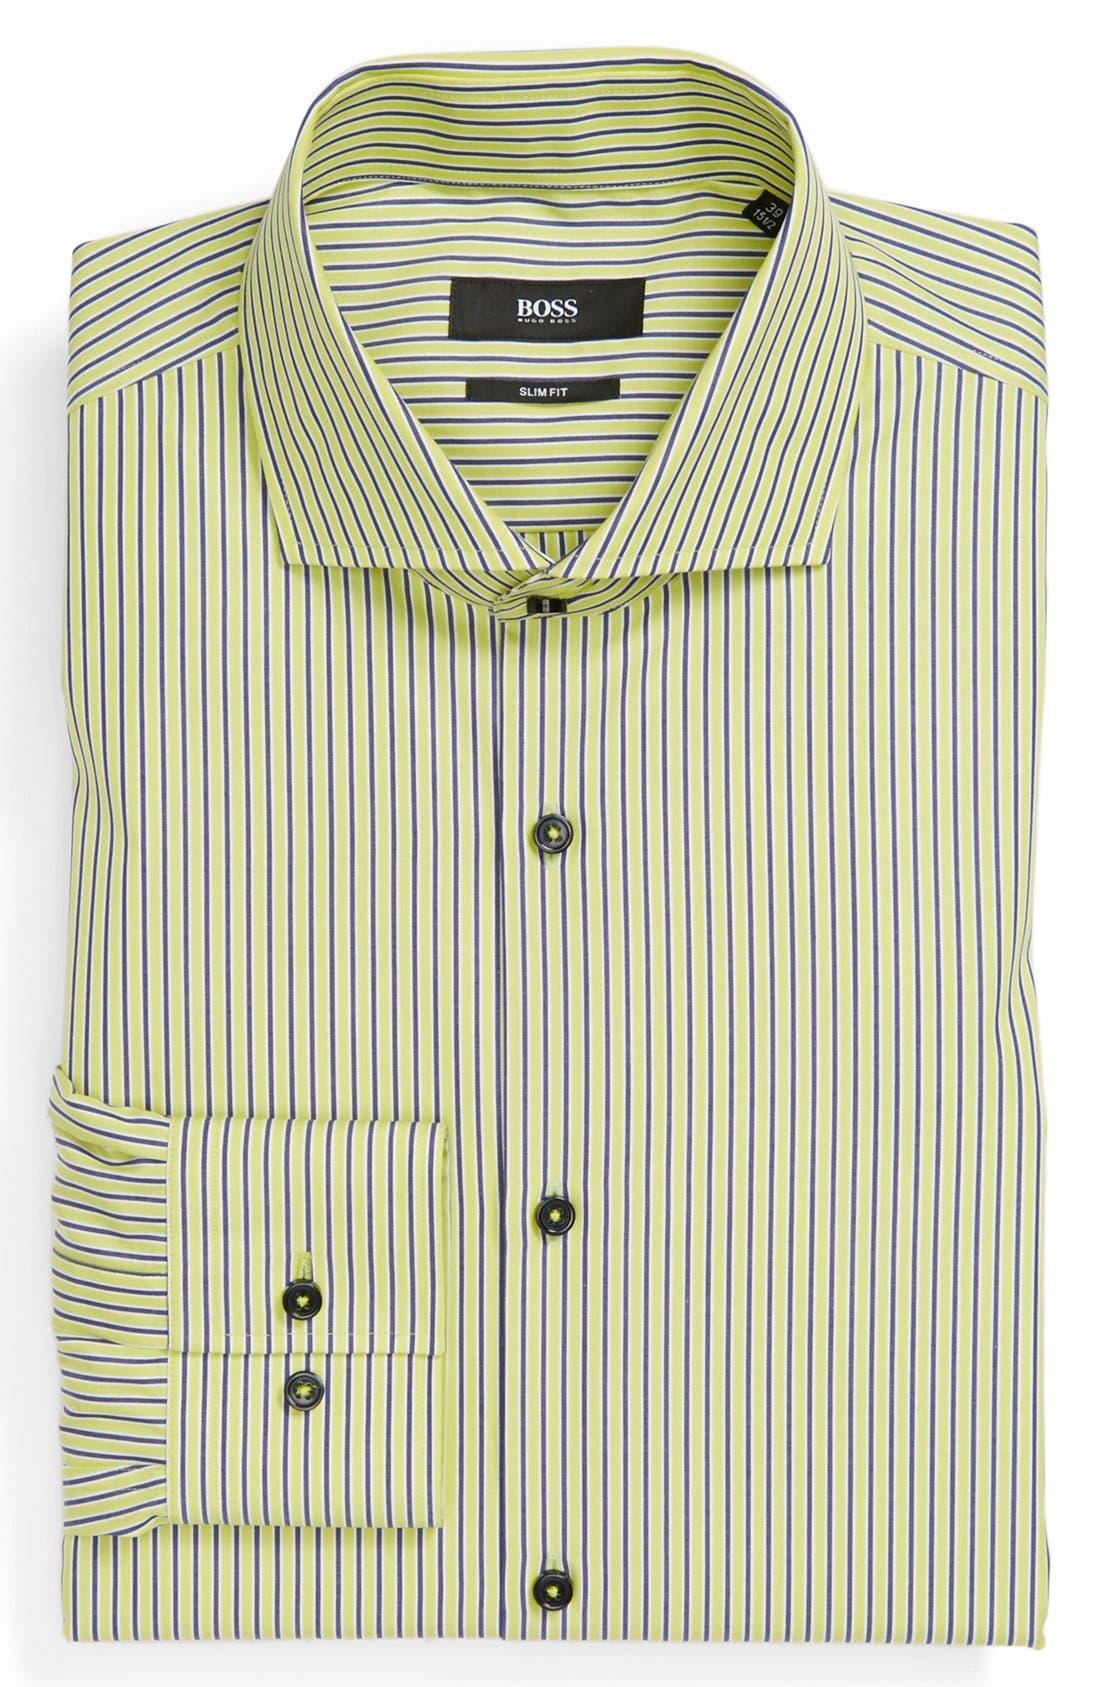 Alternate Image 1 Selected - BOSS HUGO BOSS Easy Iron Slim Fit Dress Shirt